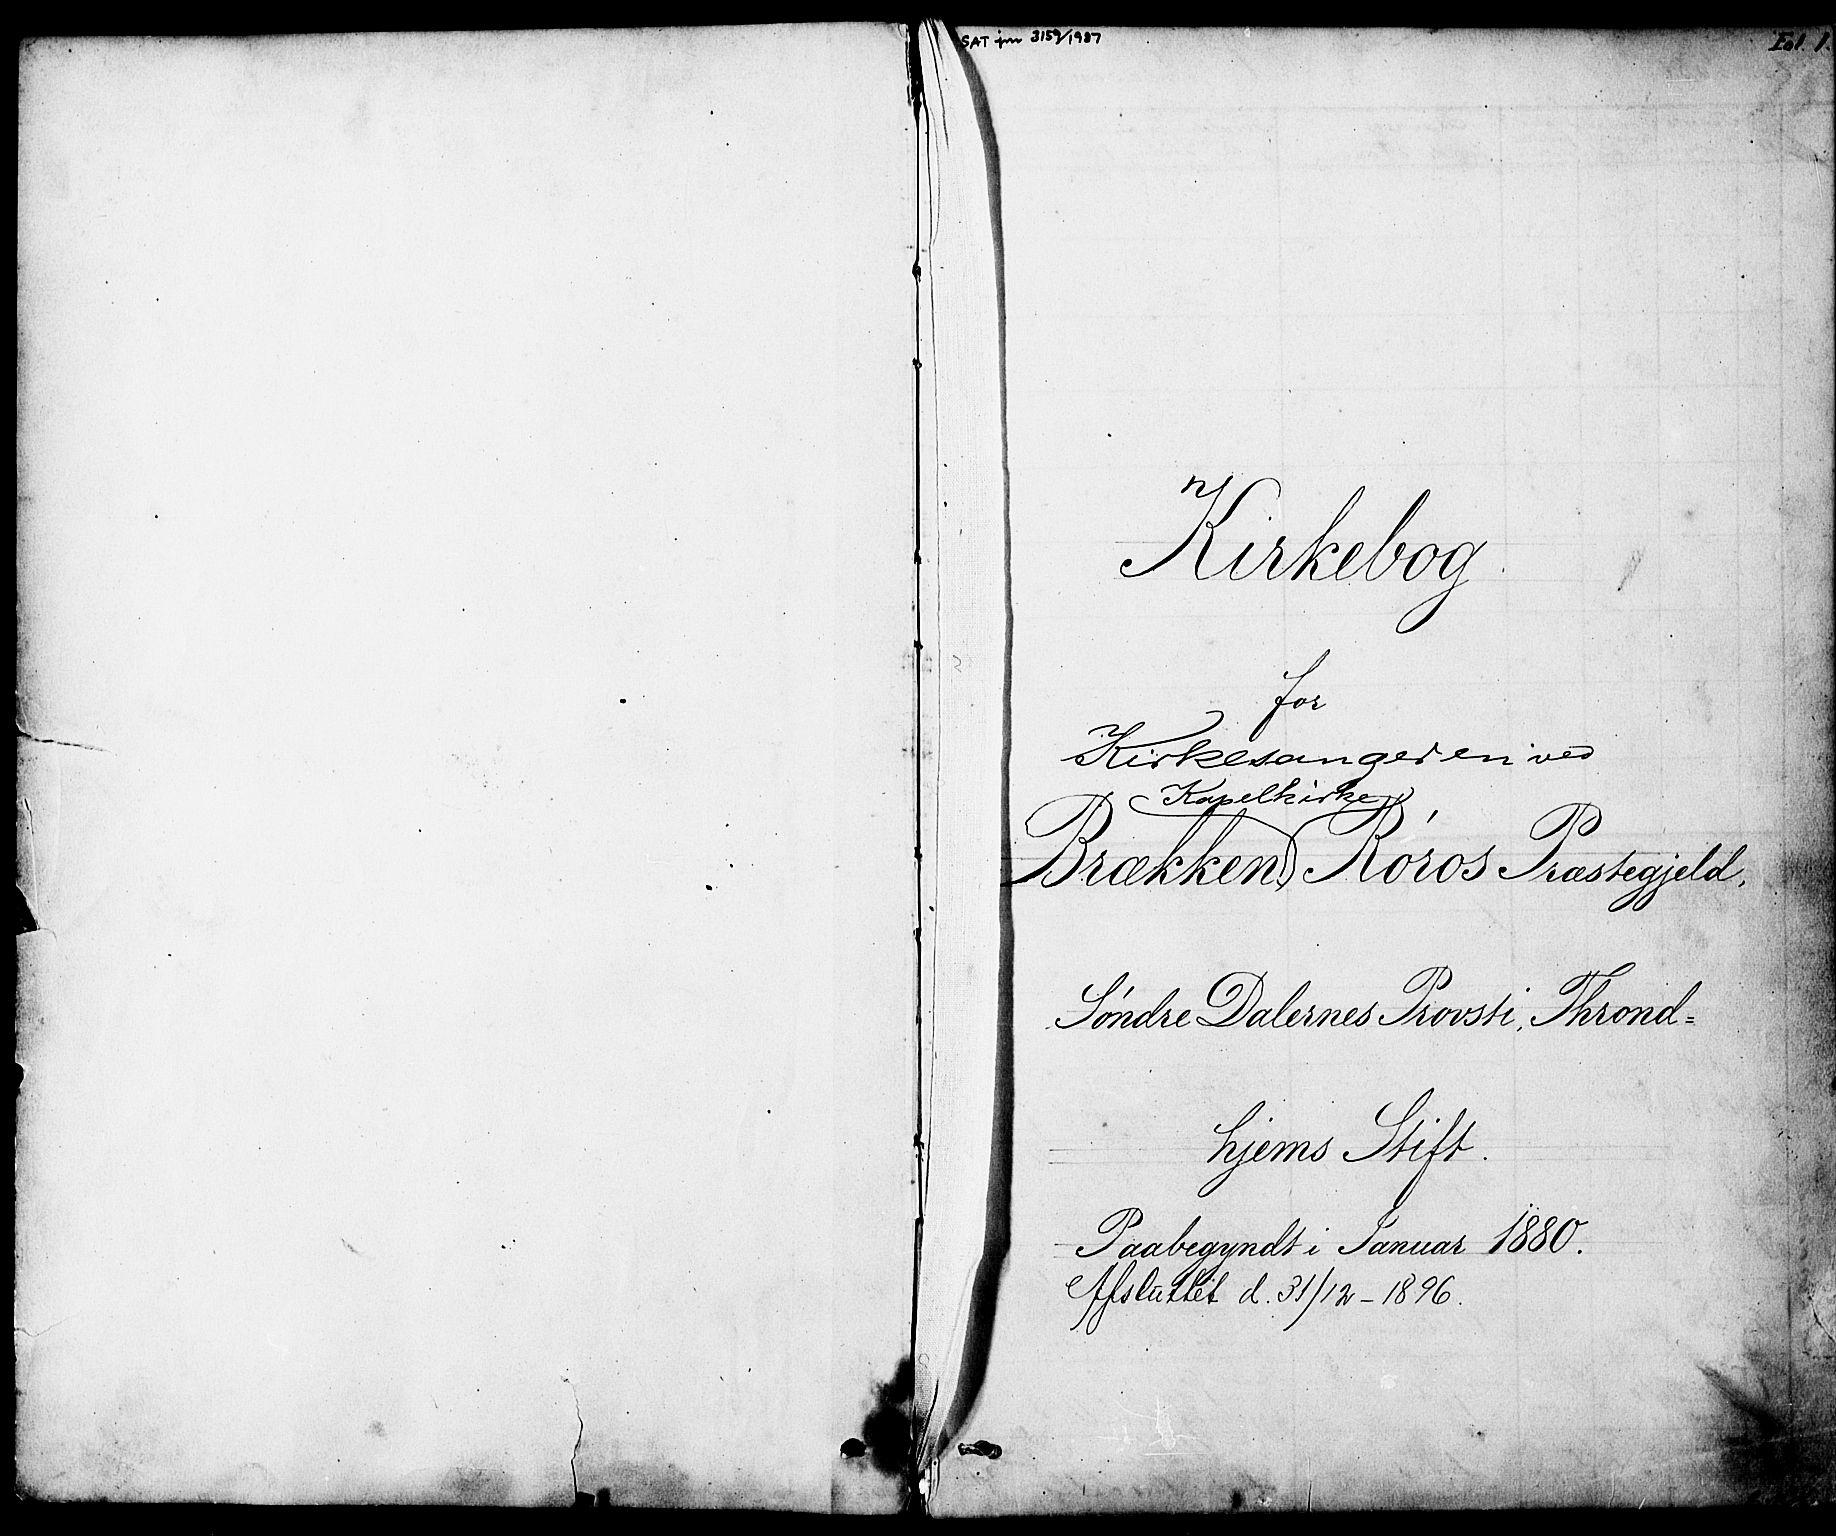 SAT, Ministerialprotokoller, klokkerbøker og fødselsregistre - Sør-Trøndelag, 683/L0949: Klokkerbok nr. 683C01, 1880-1896, s. 1